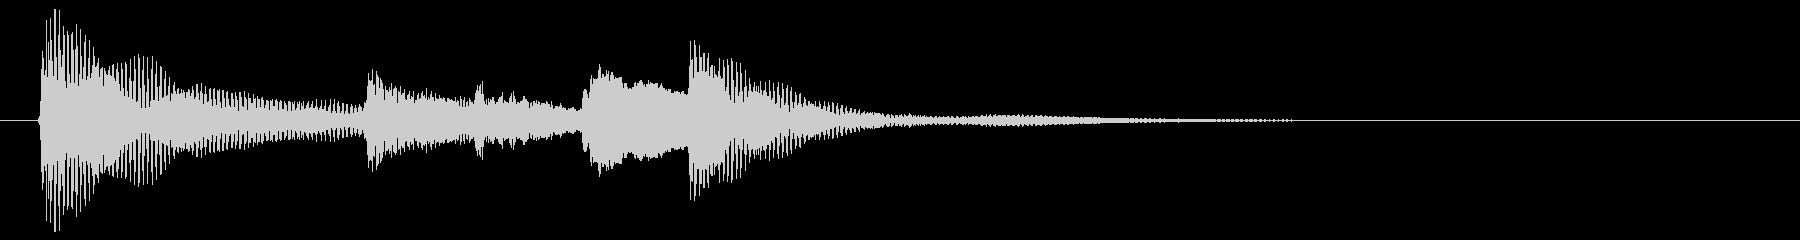 なにかを達成した時に使える音です。の未再生の波形